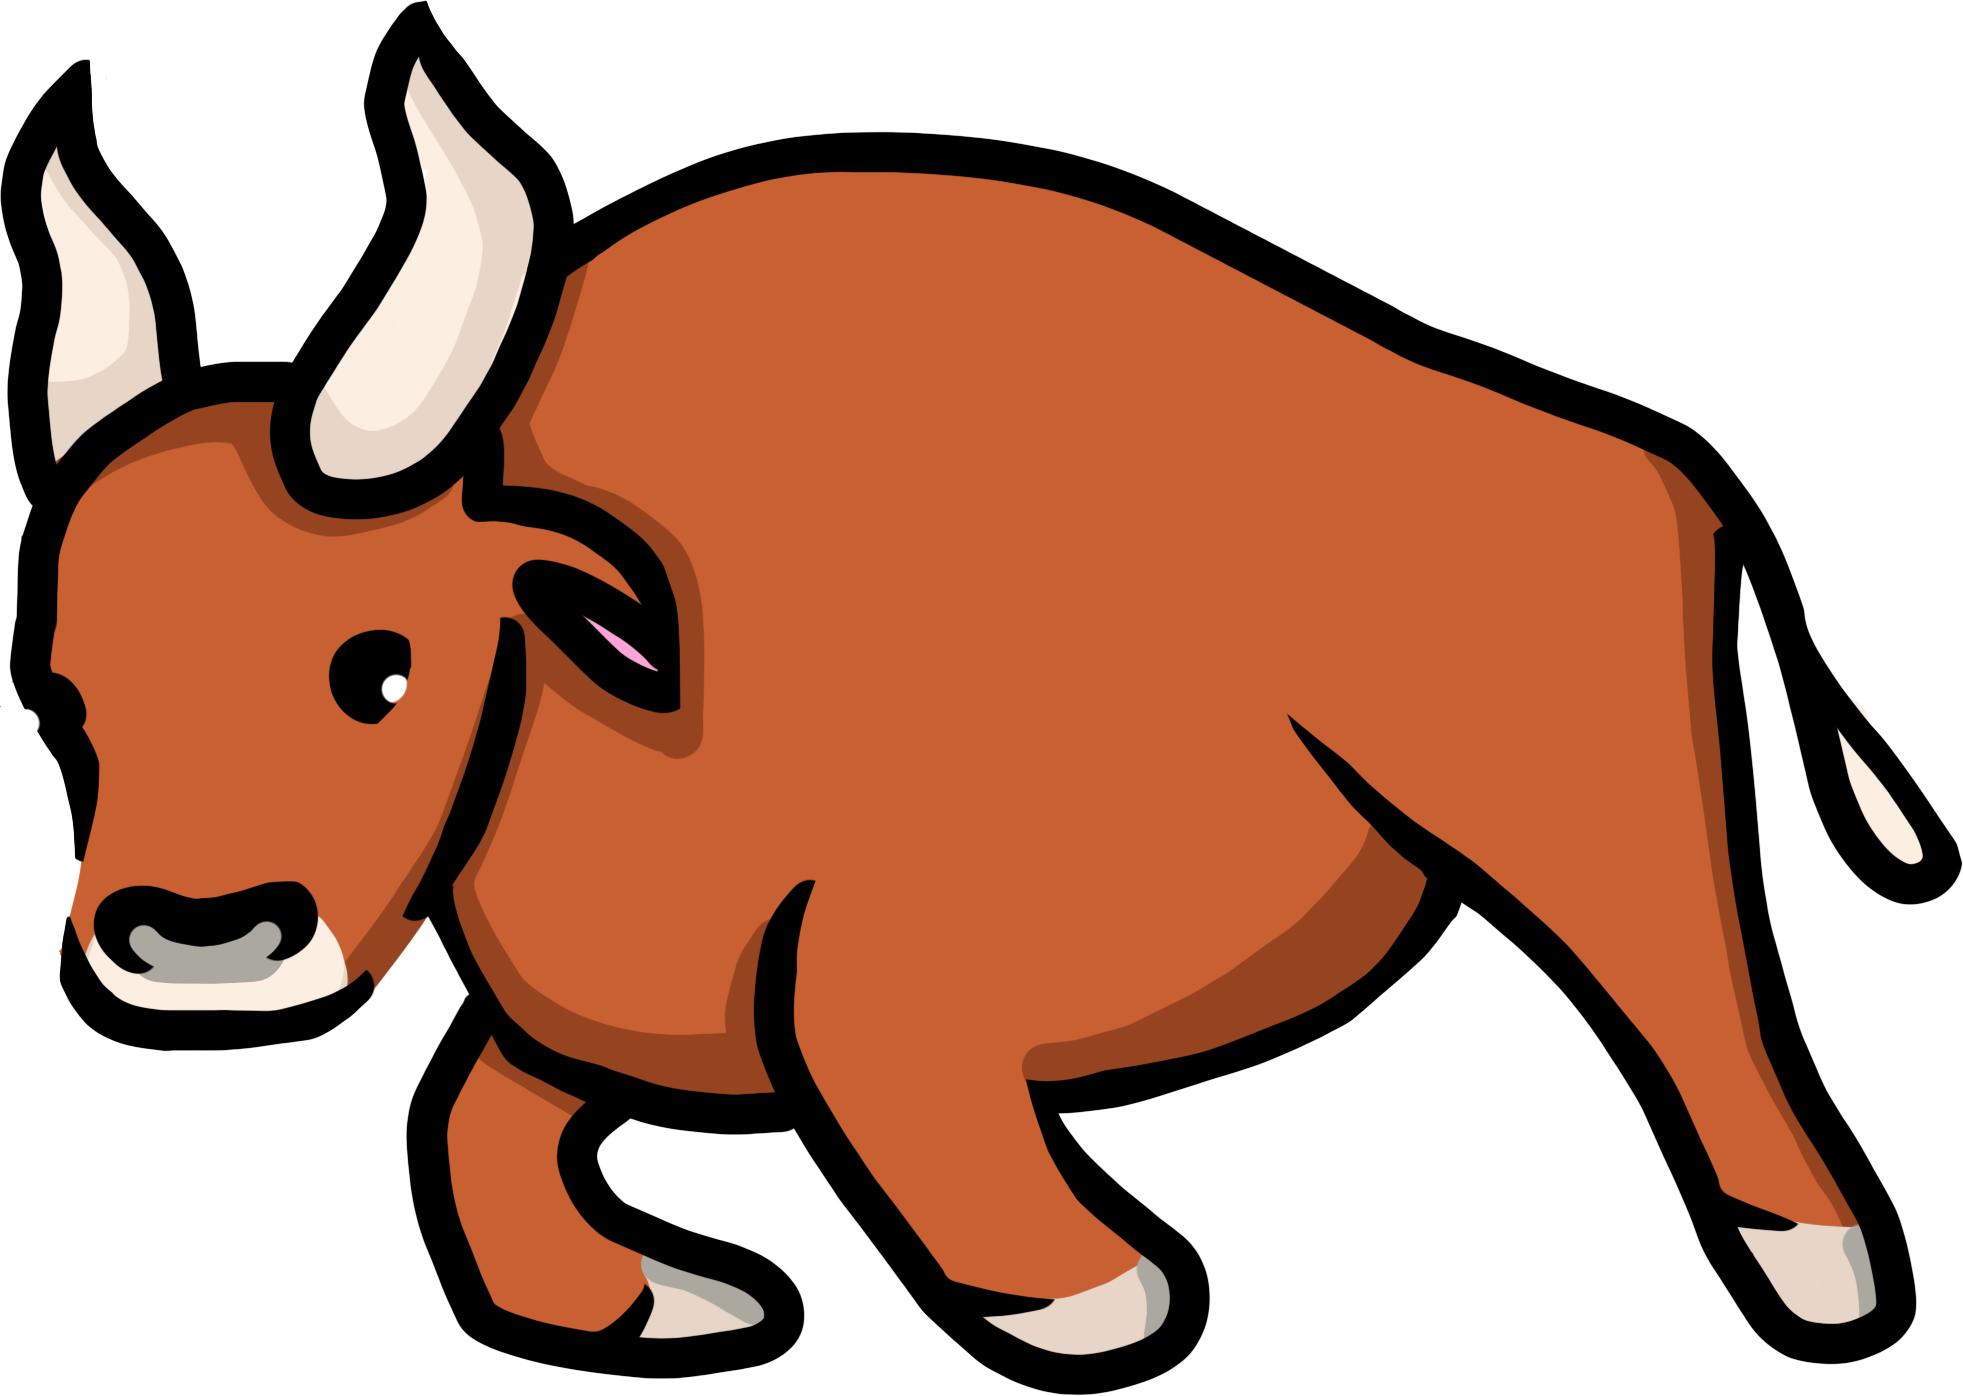 Создать рисунки быков, символа 2021 года, для реализации в м фото f_6245ee34b6446e0c.png